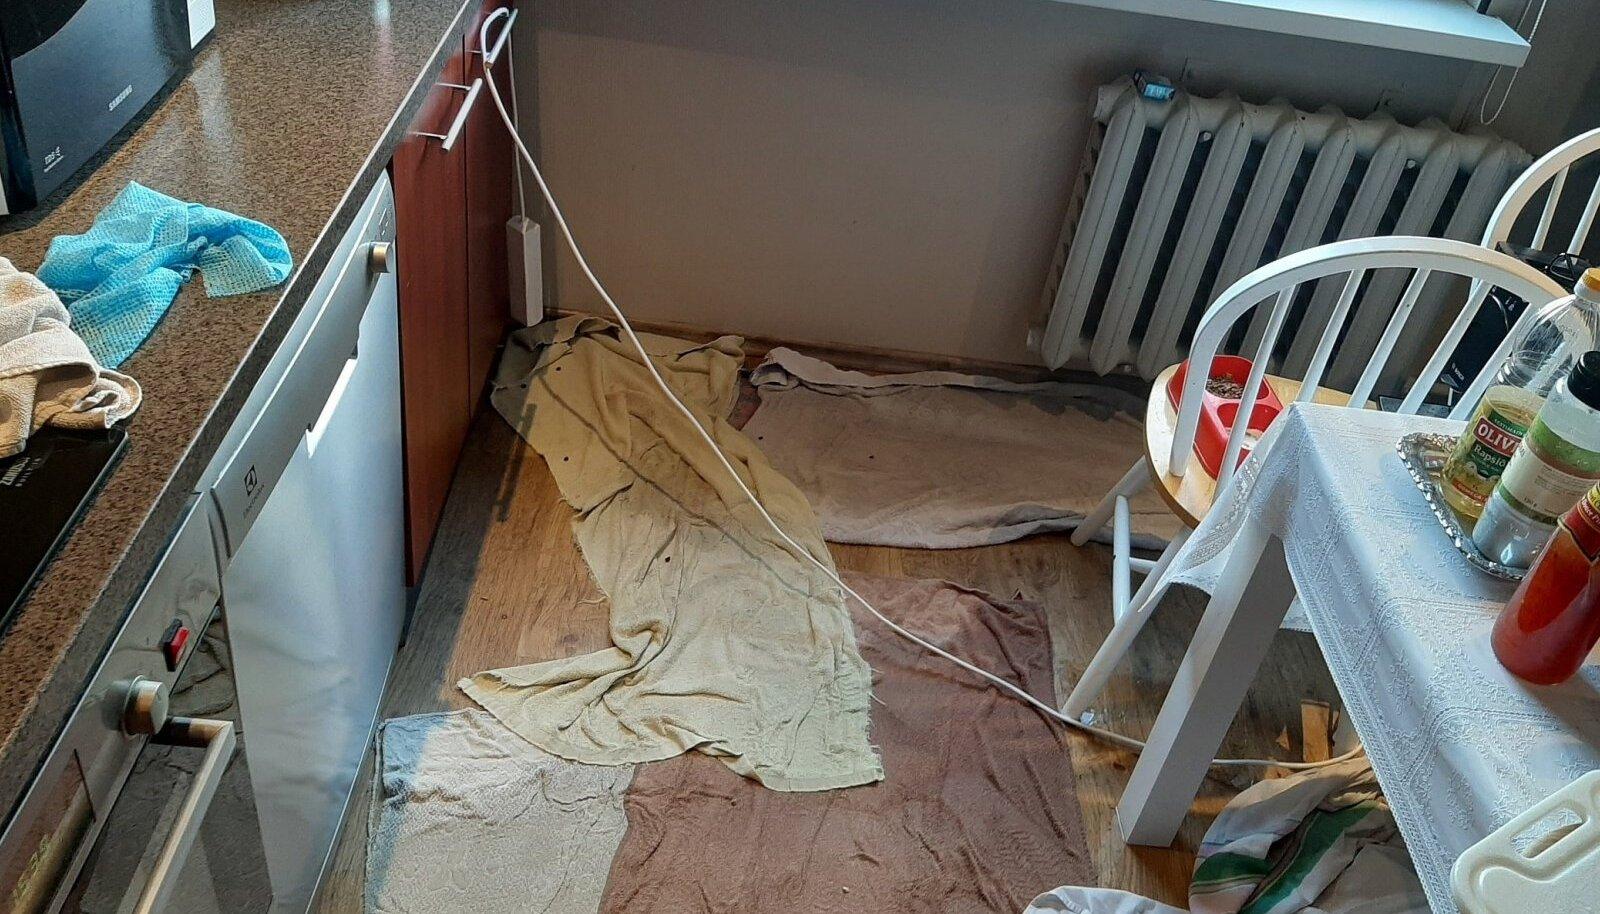 В результате засорившейся канализации вода перелилась через край раковины и привела к ущербу в размере более 1100 евро.